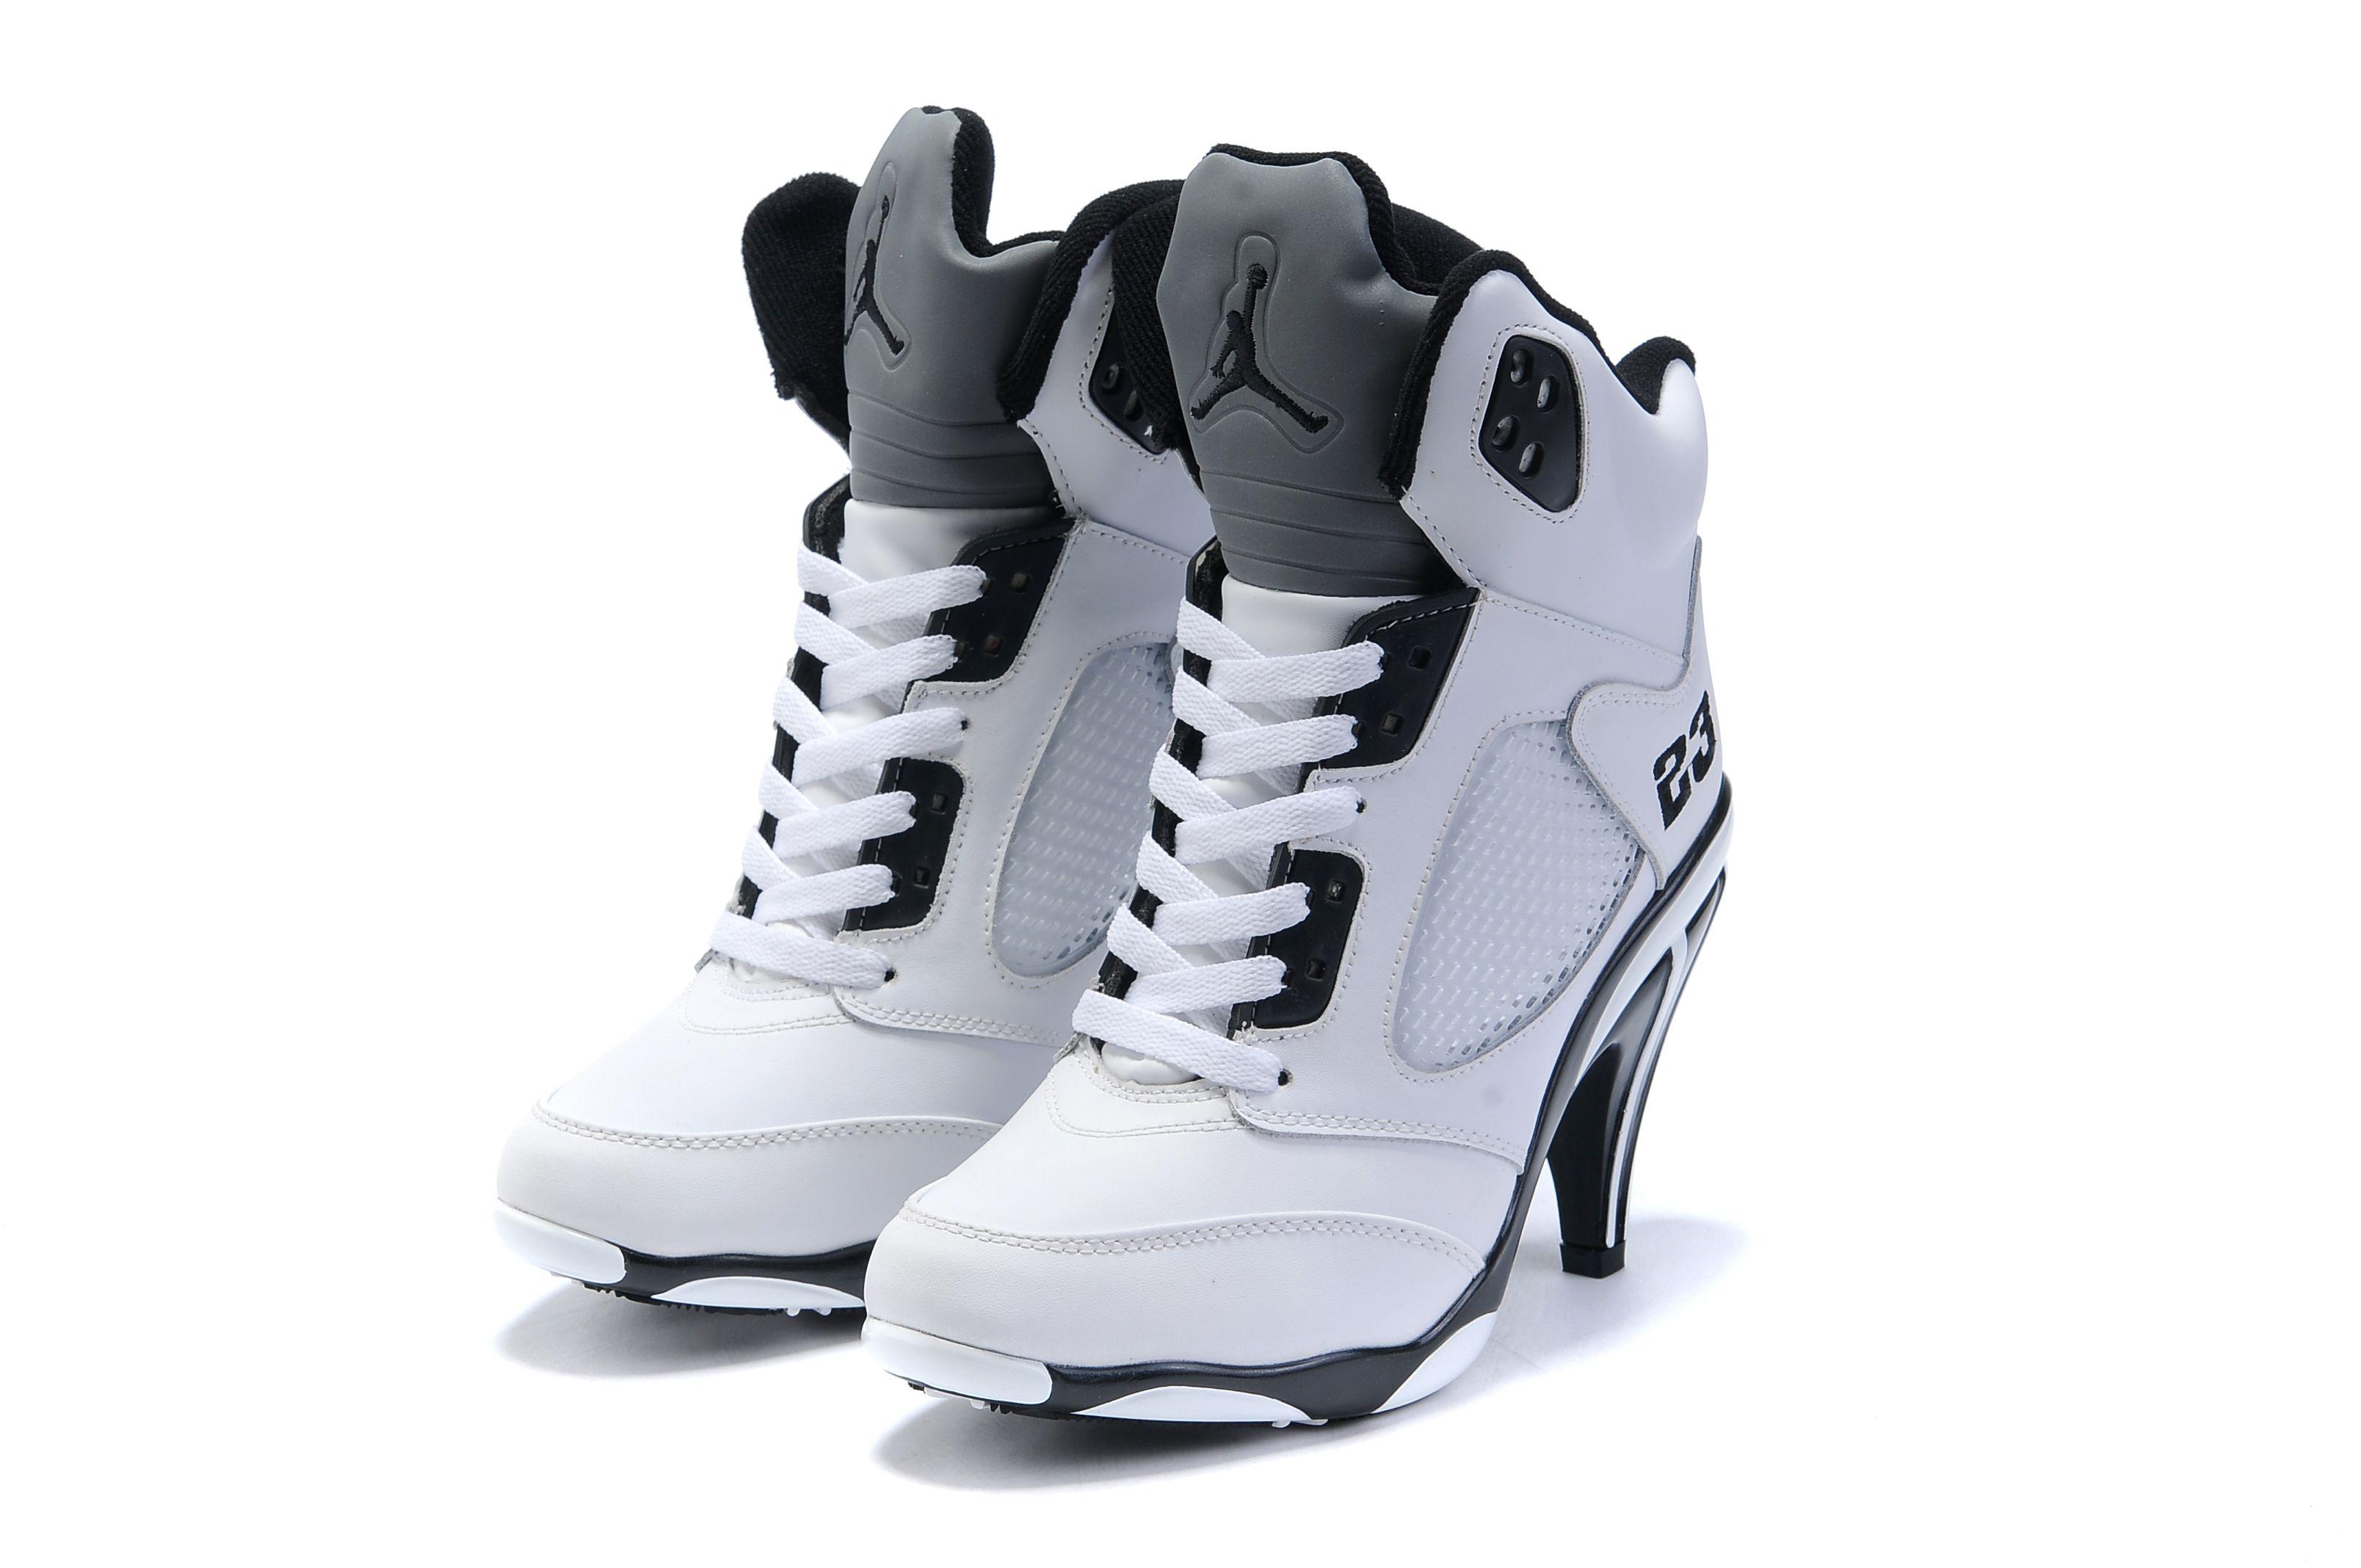 Jordan Heels Hot Shoe Pics